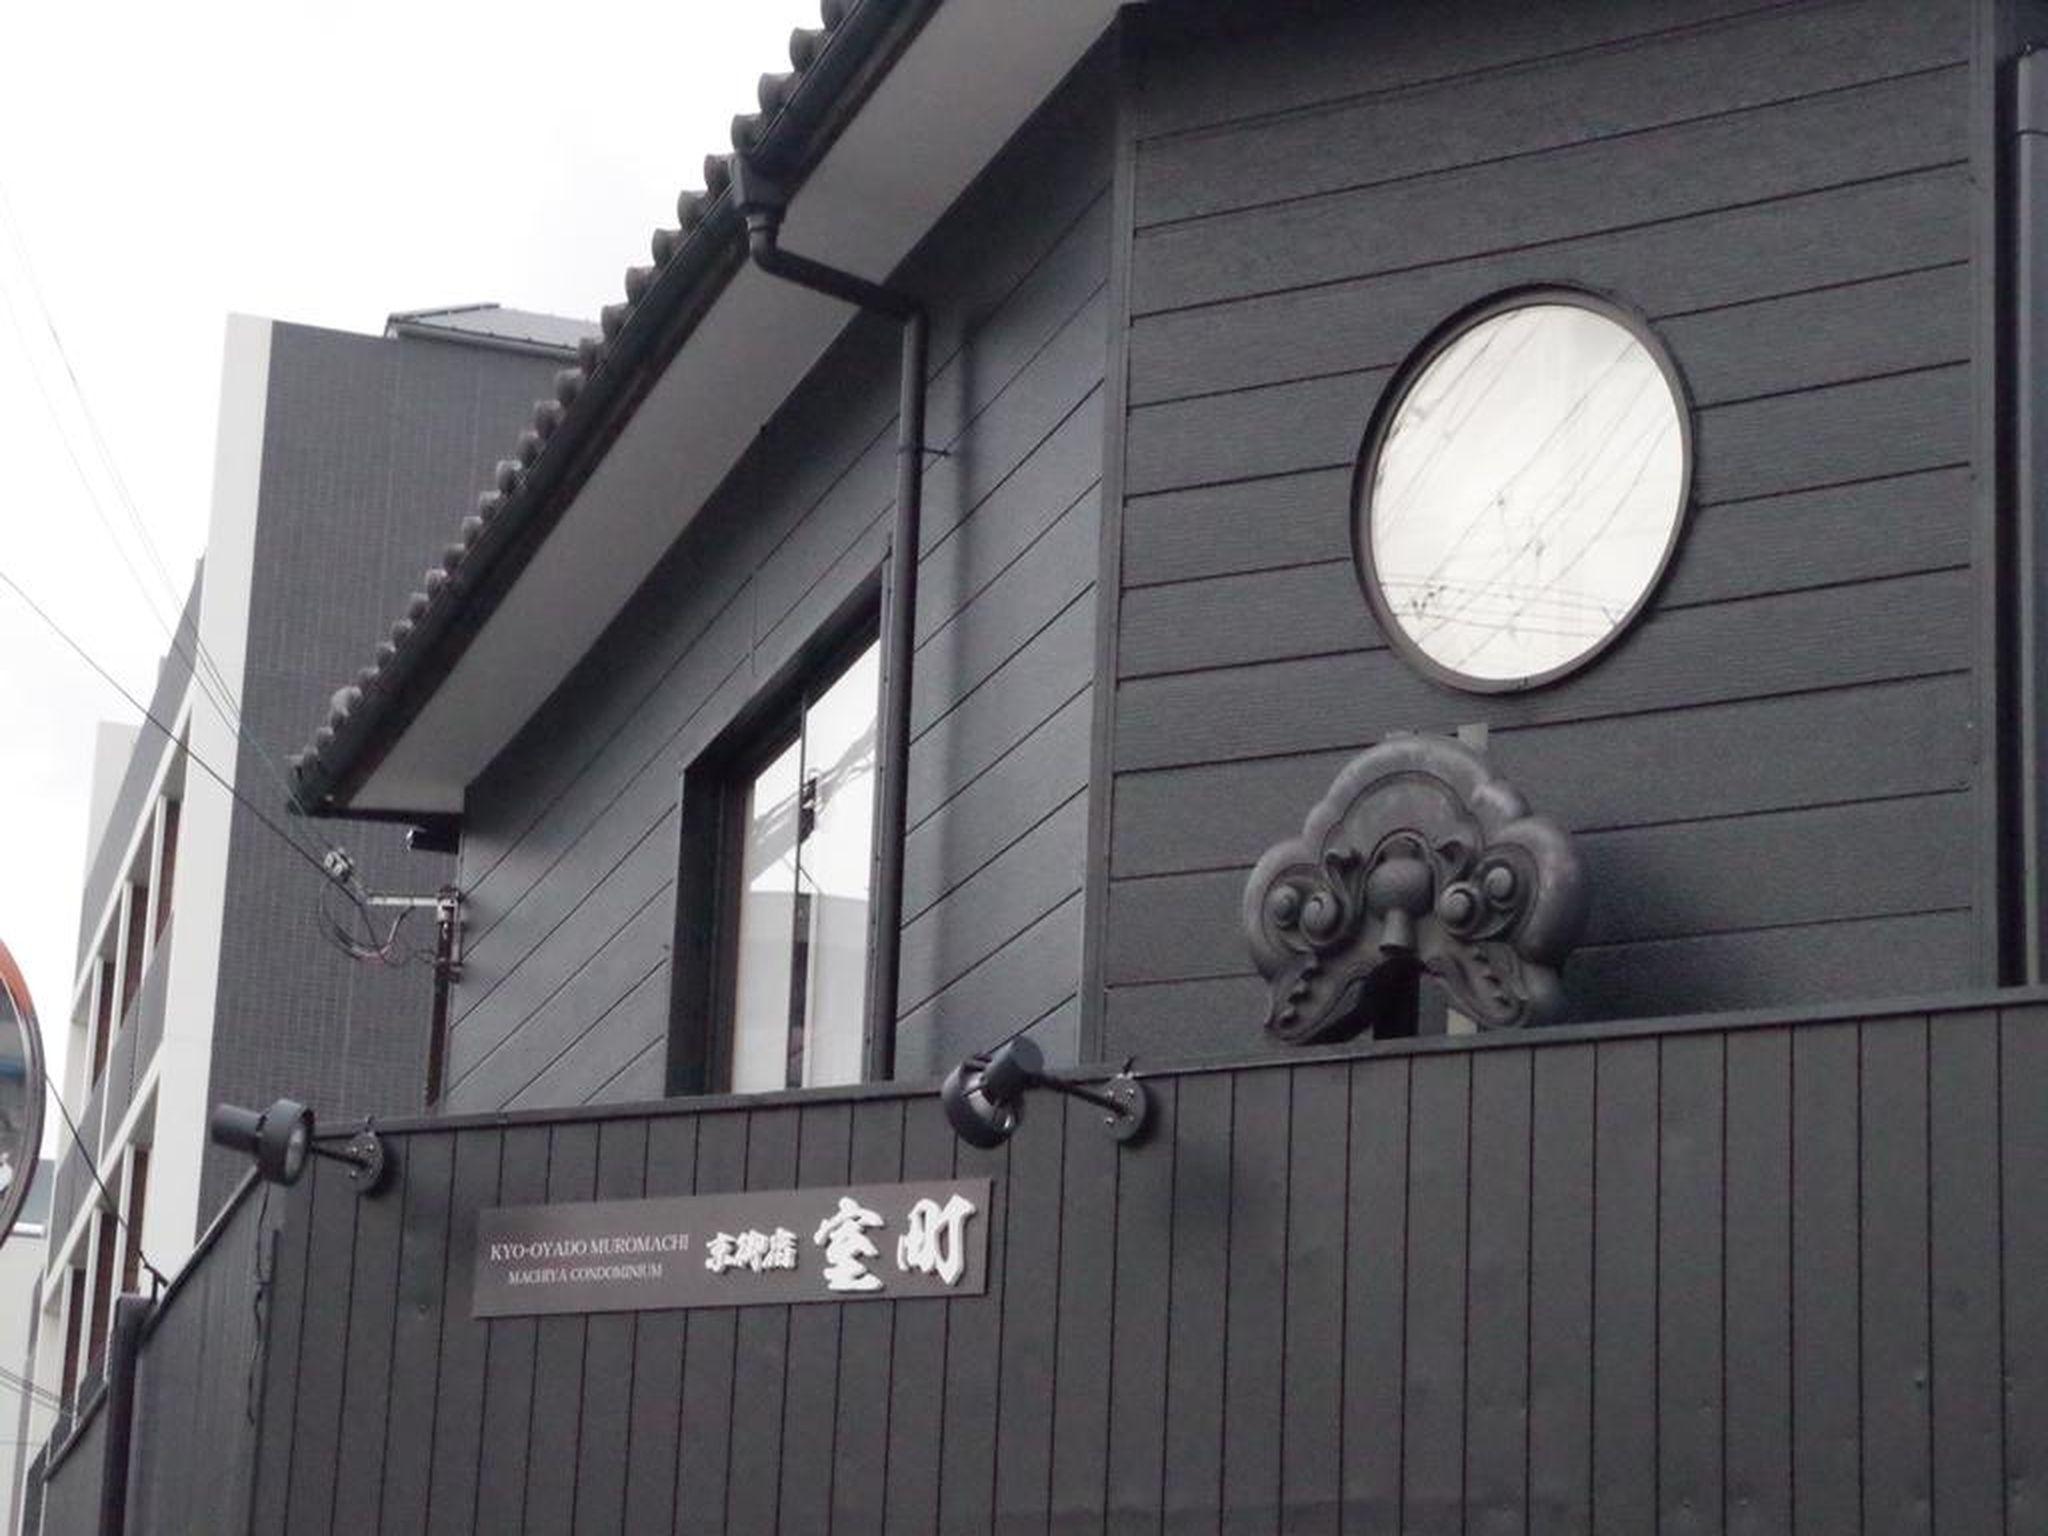 Kyo Oyado Muromachi Kyo Oyado Muromachi